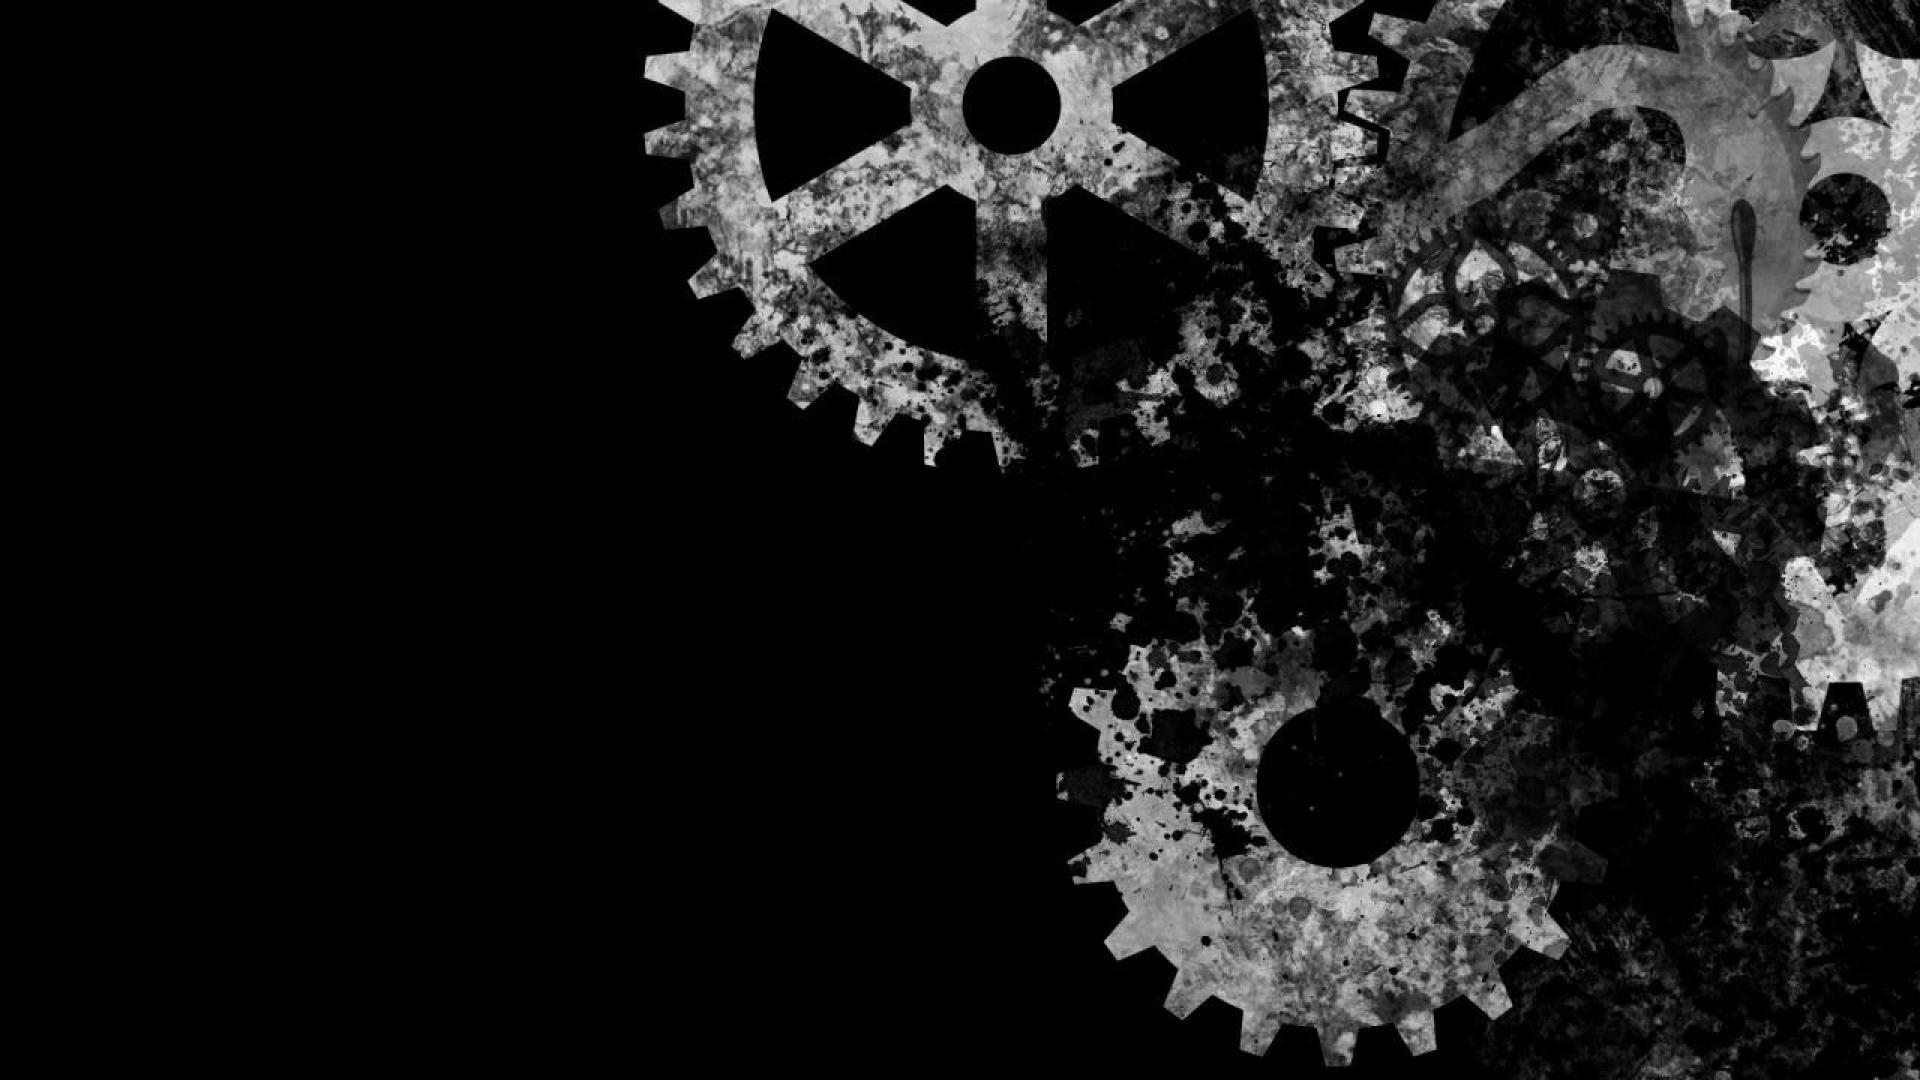 Mechanical Wallpaper HD - WallpaperSafari